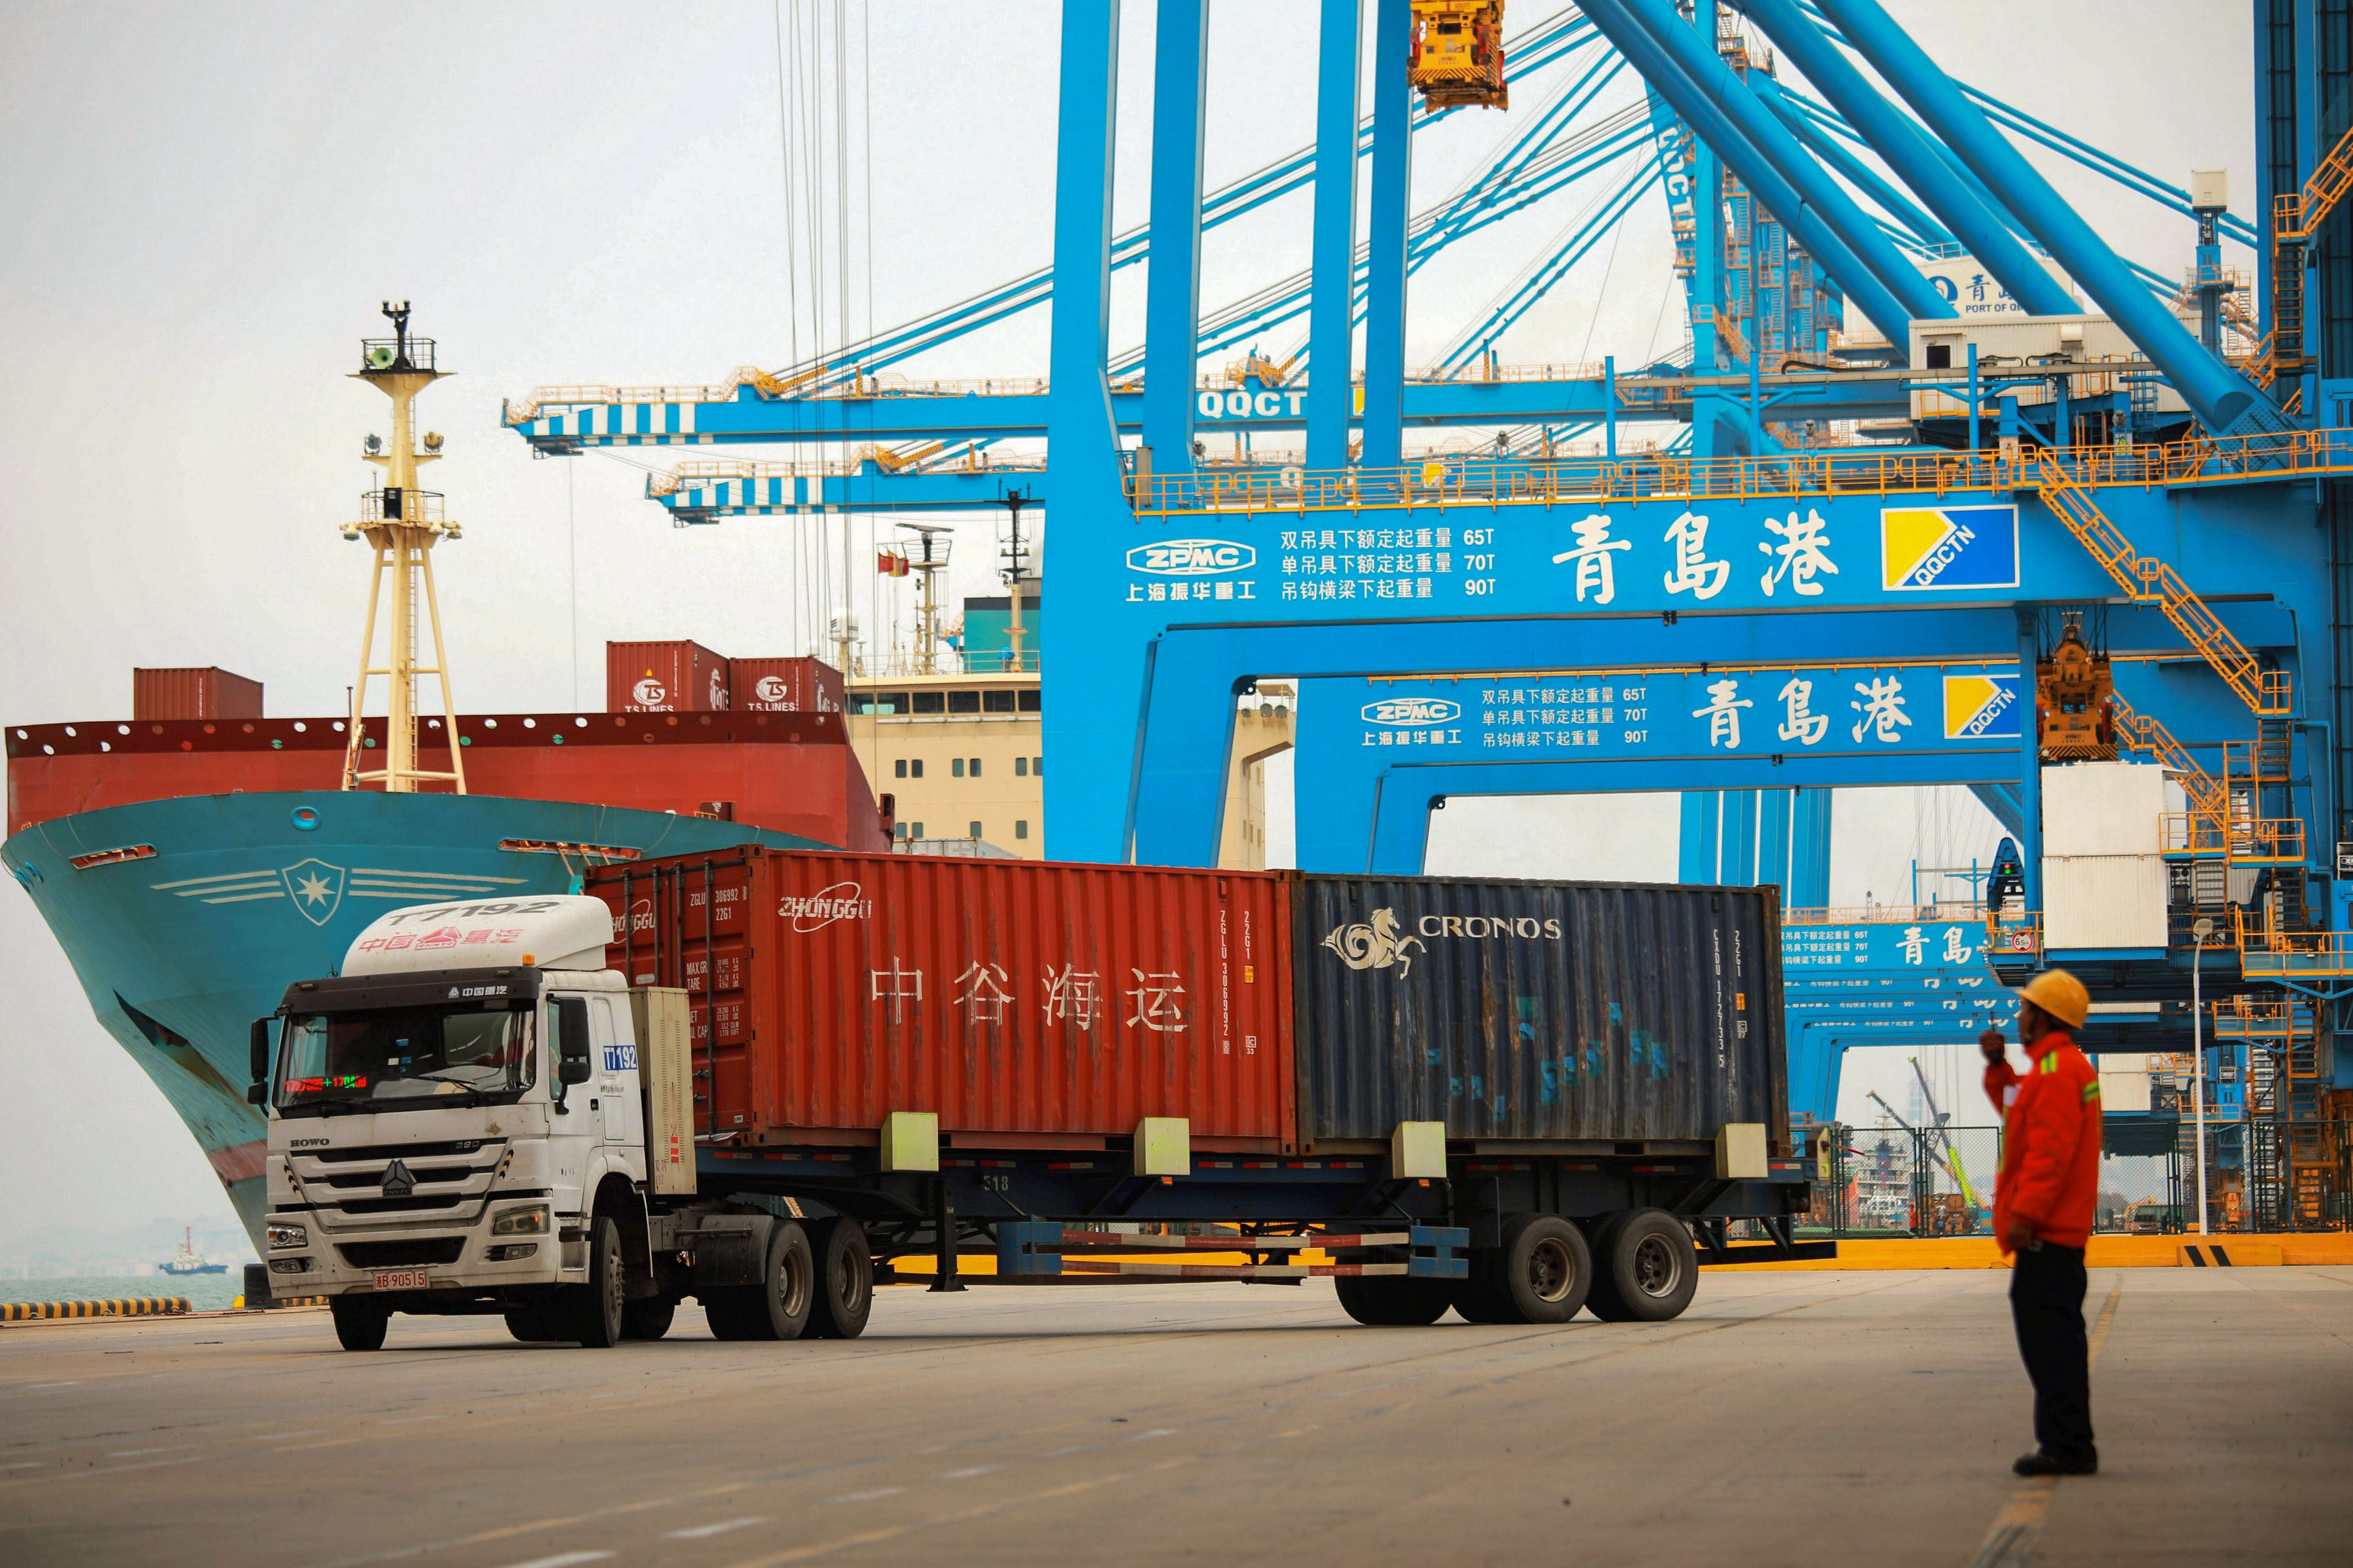 蓬佩奧:中美貿易談判處在達協議關口上